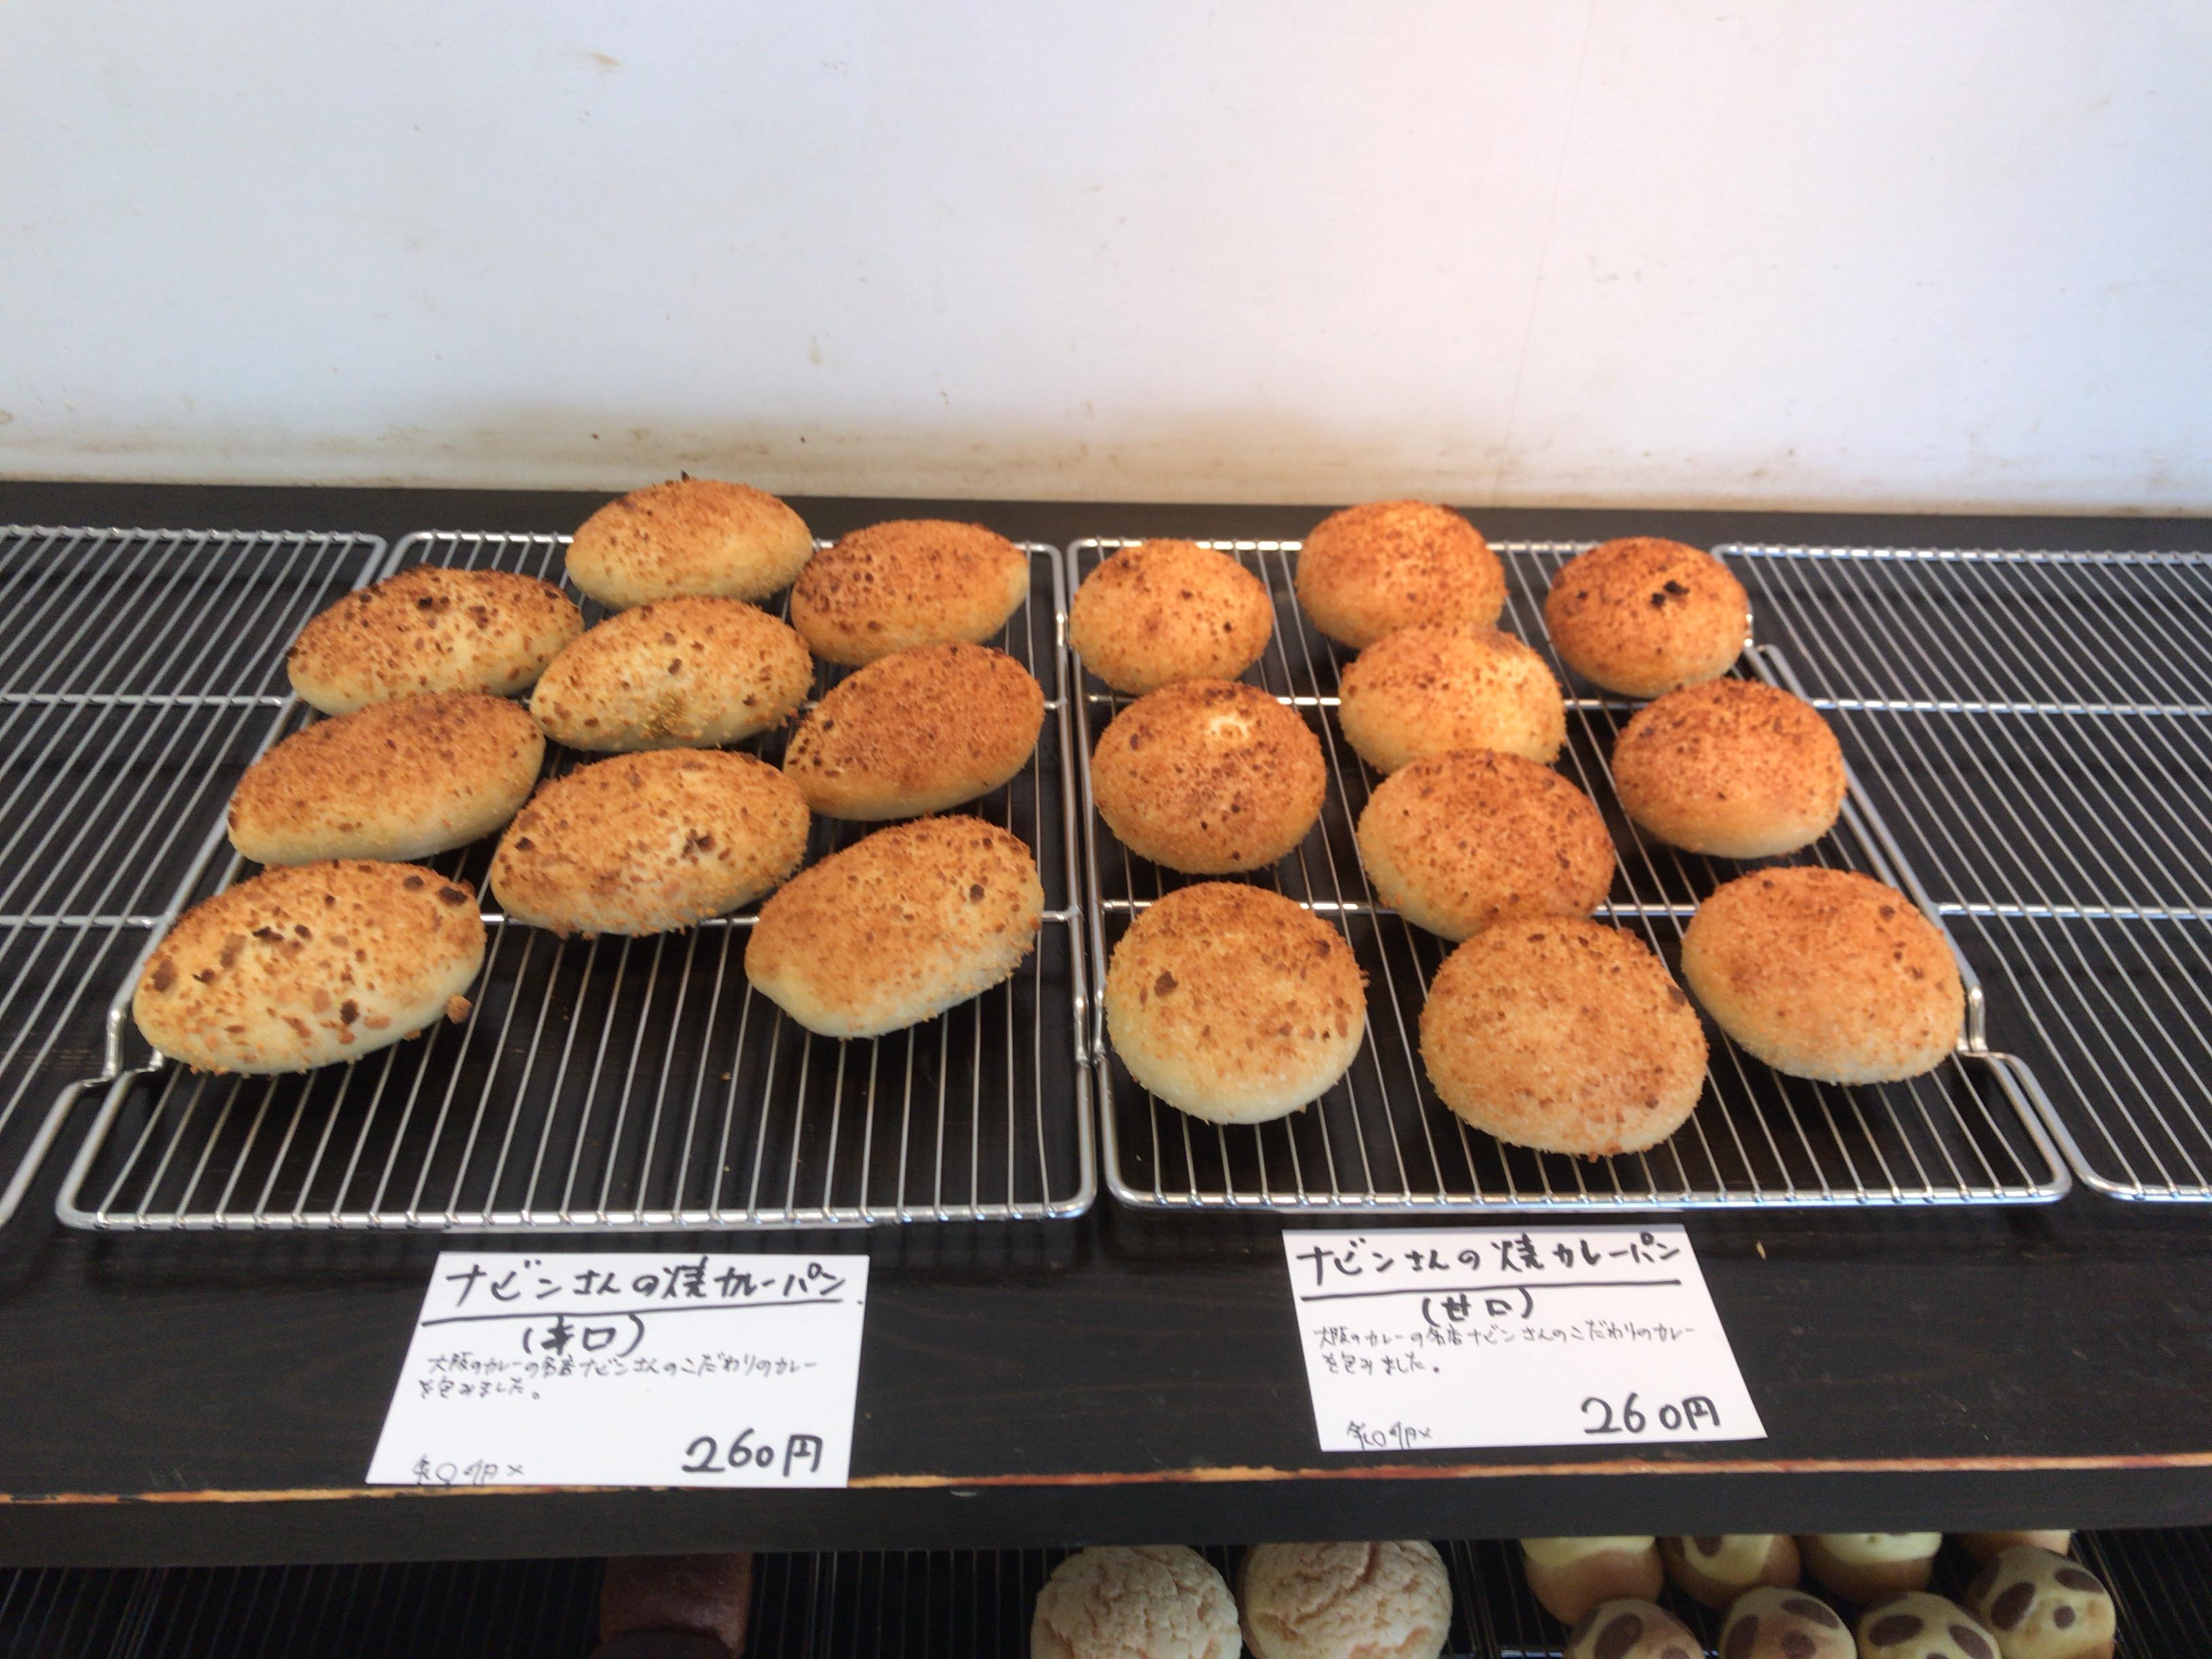 【愛媛カレーパン巡り】新居浜市「Boulangerie Fukusuke」にある「ナビンさんの焼カレーパン」(辛口・甘口)が美味しかった!